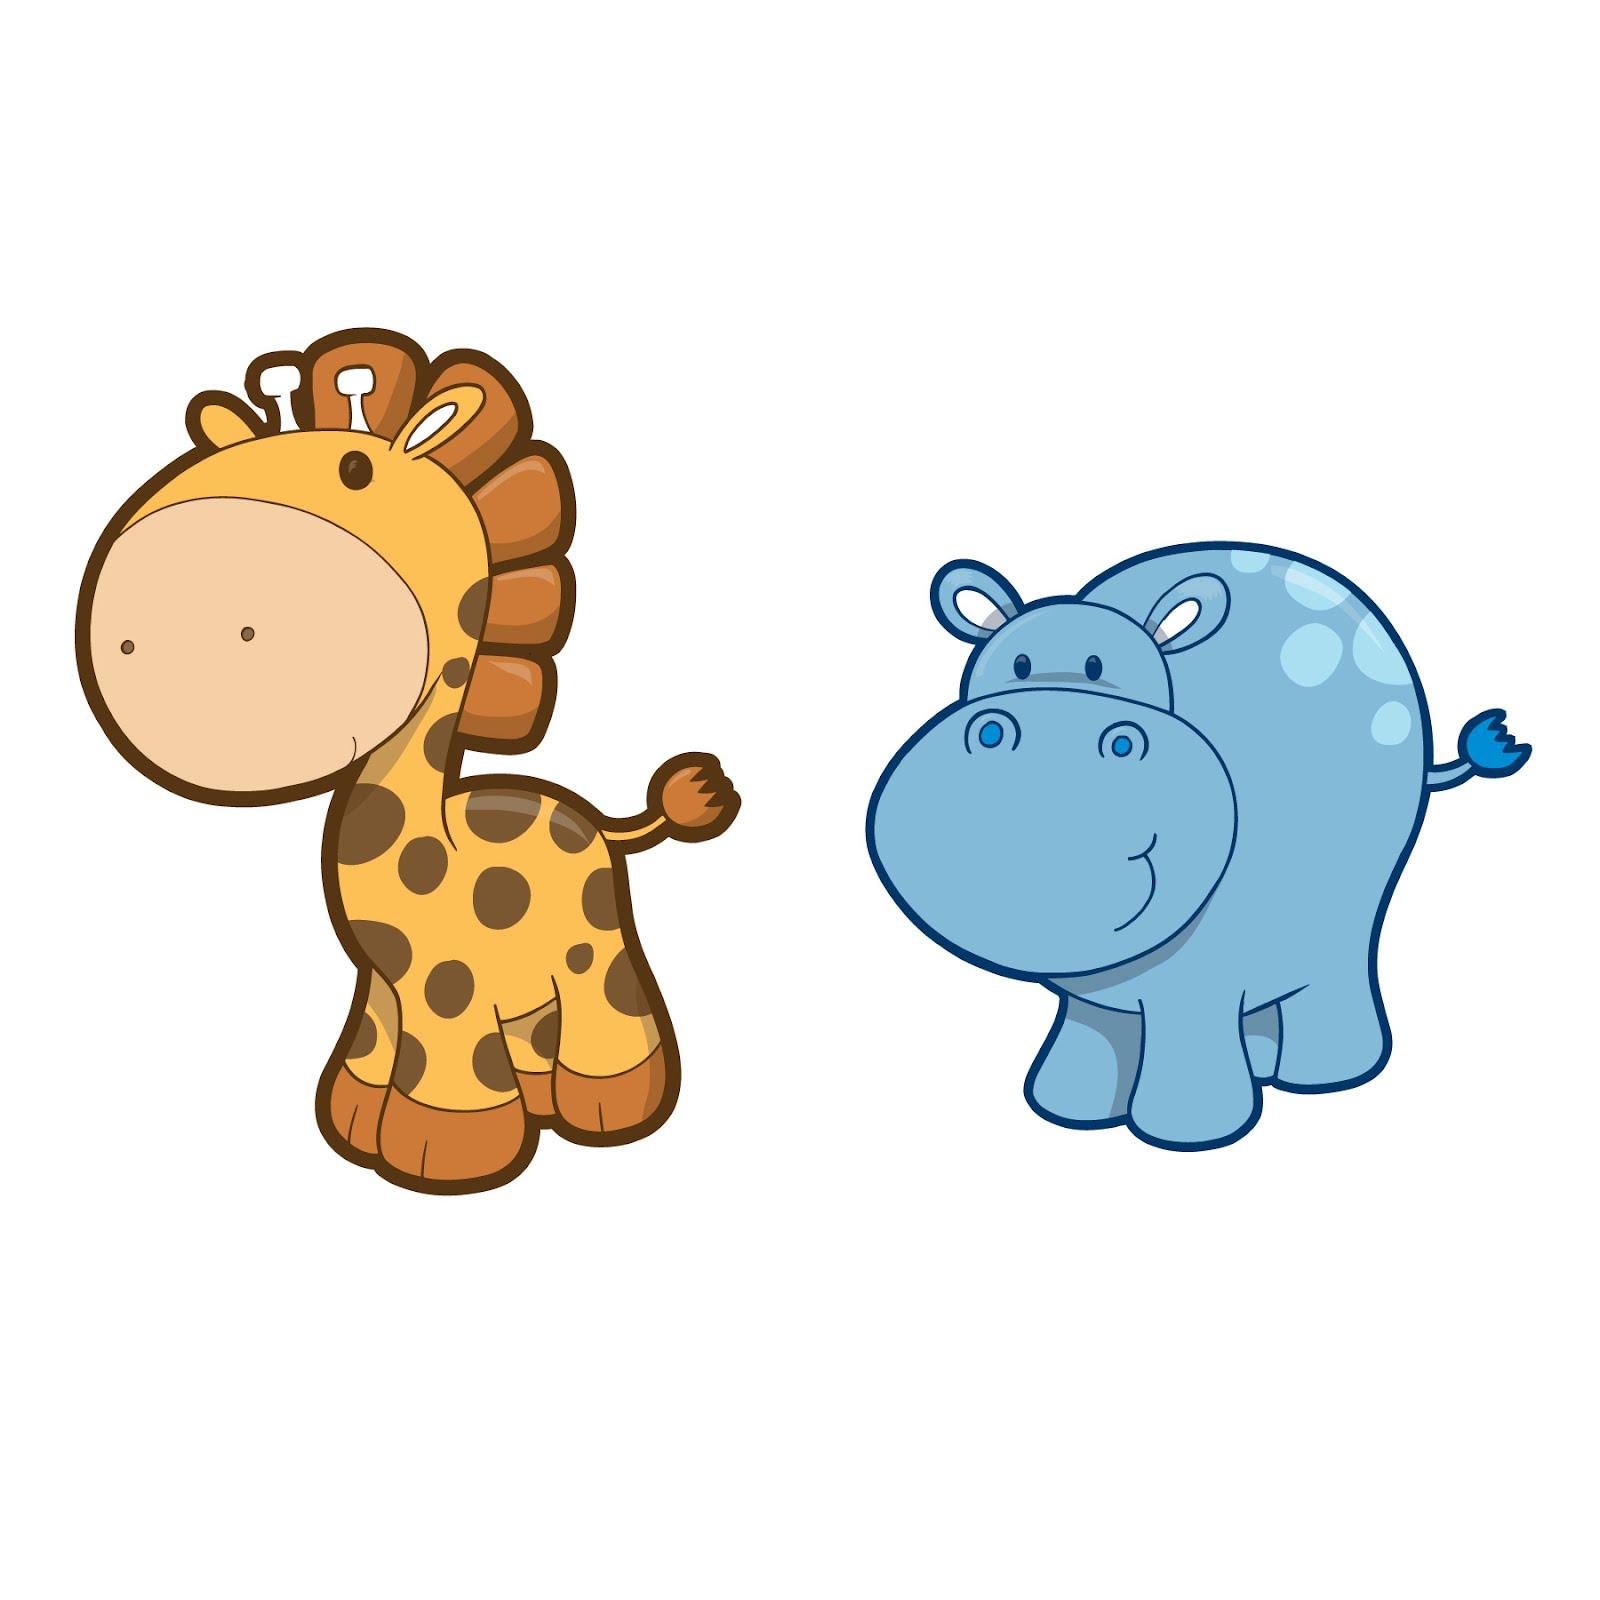 Baby Giraffe Clip Art Free - ClipArt Best